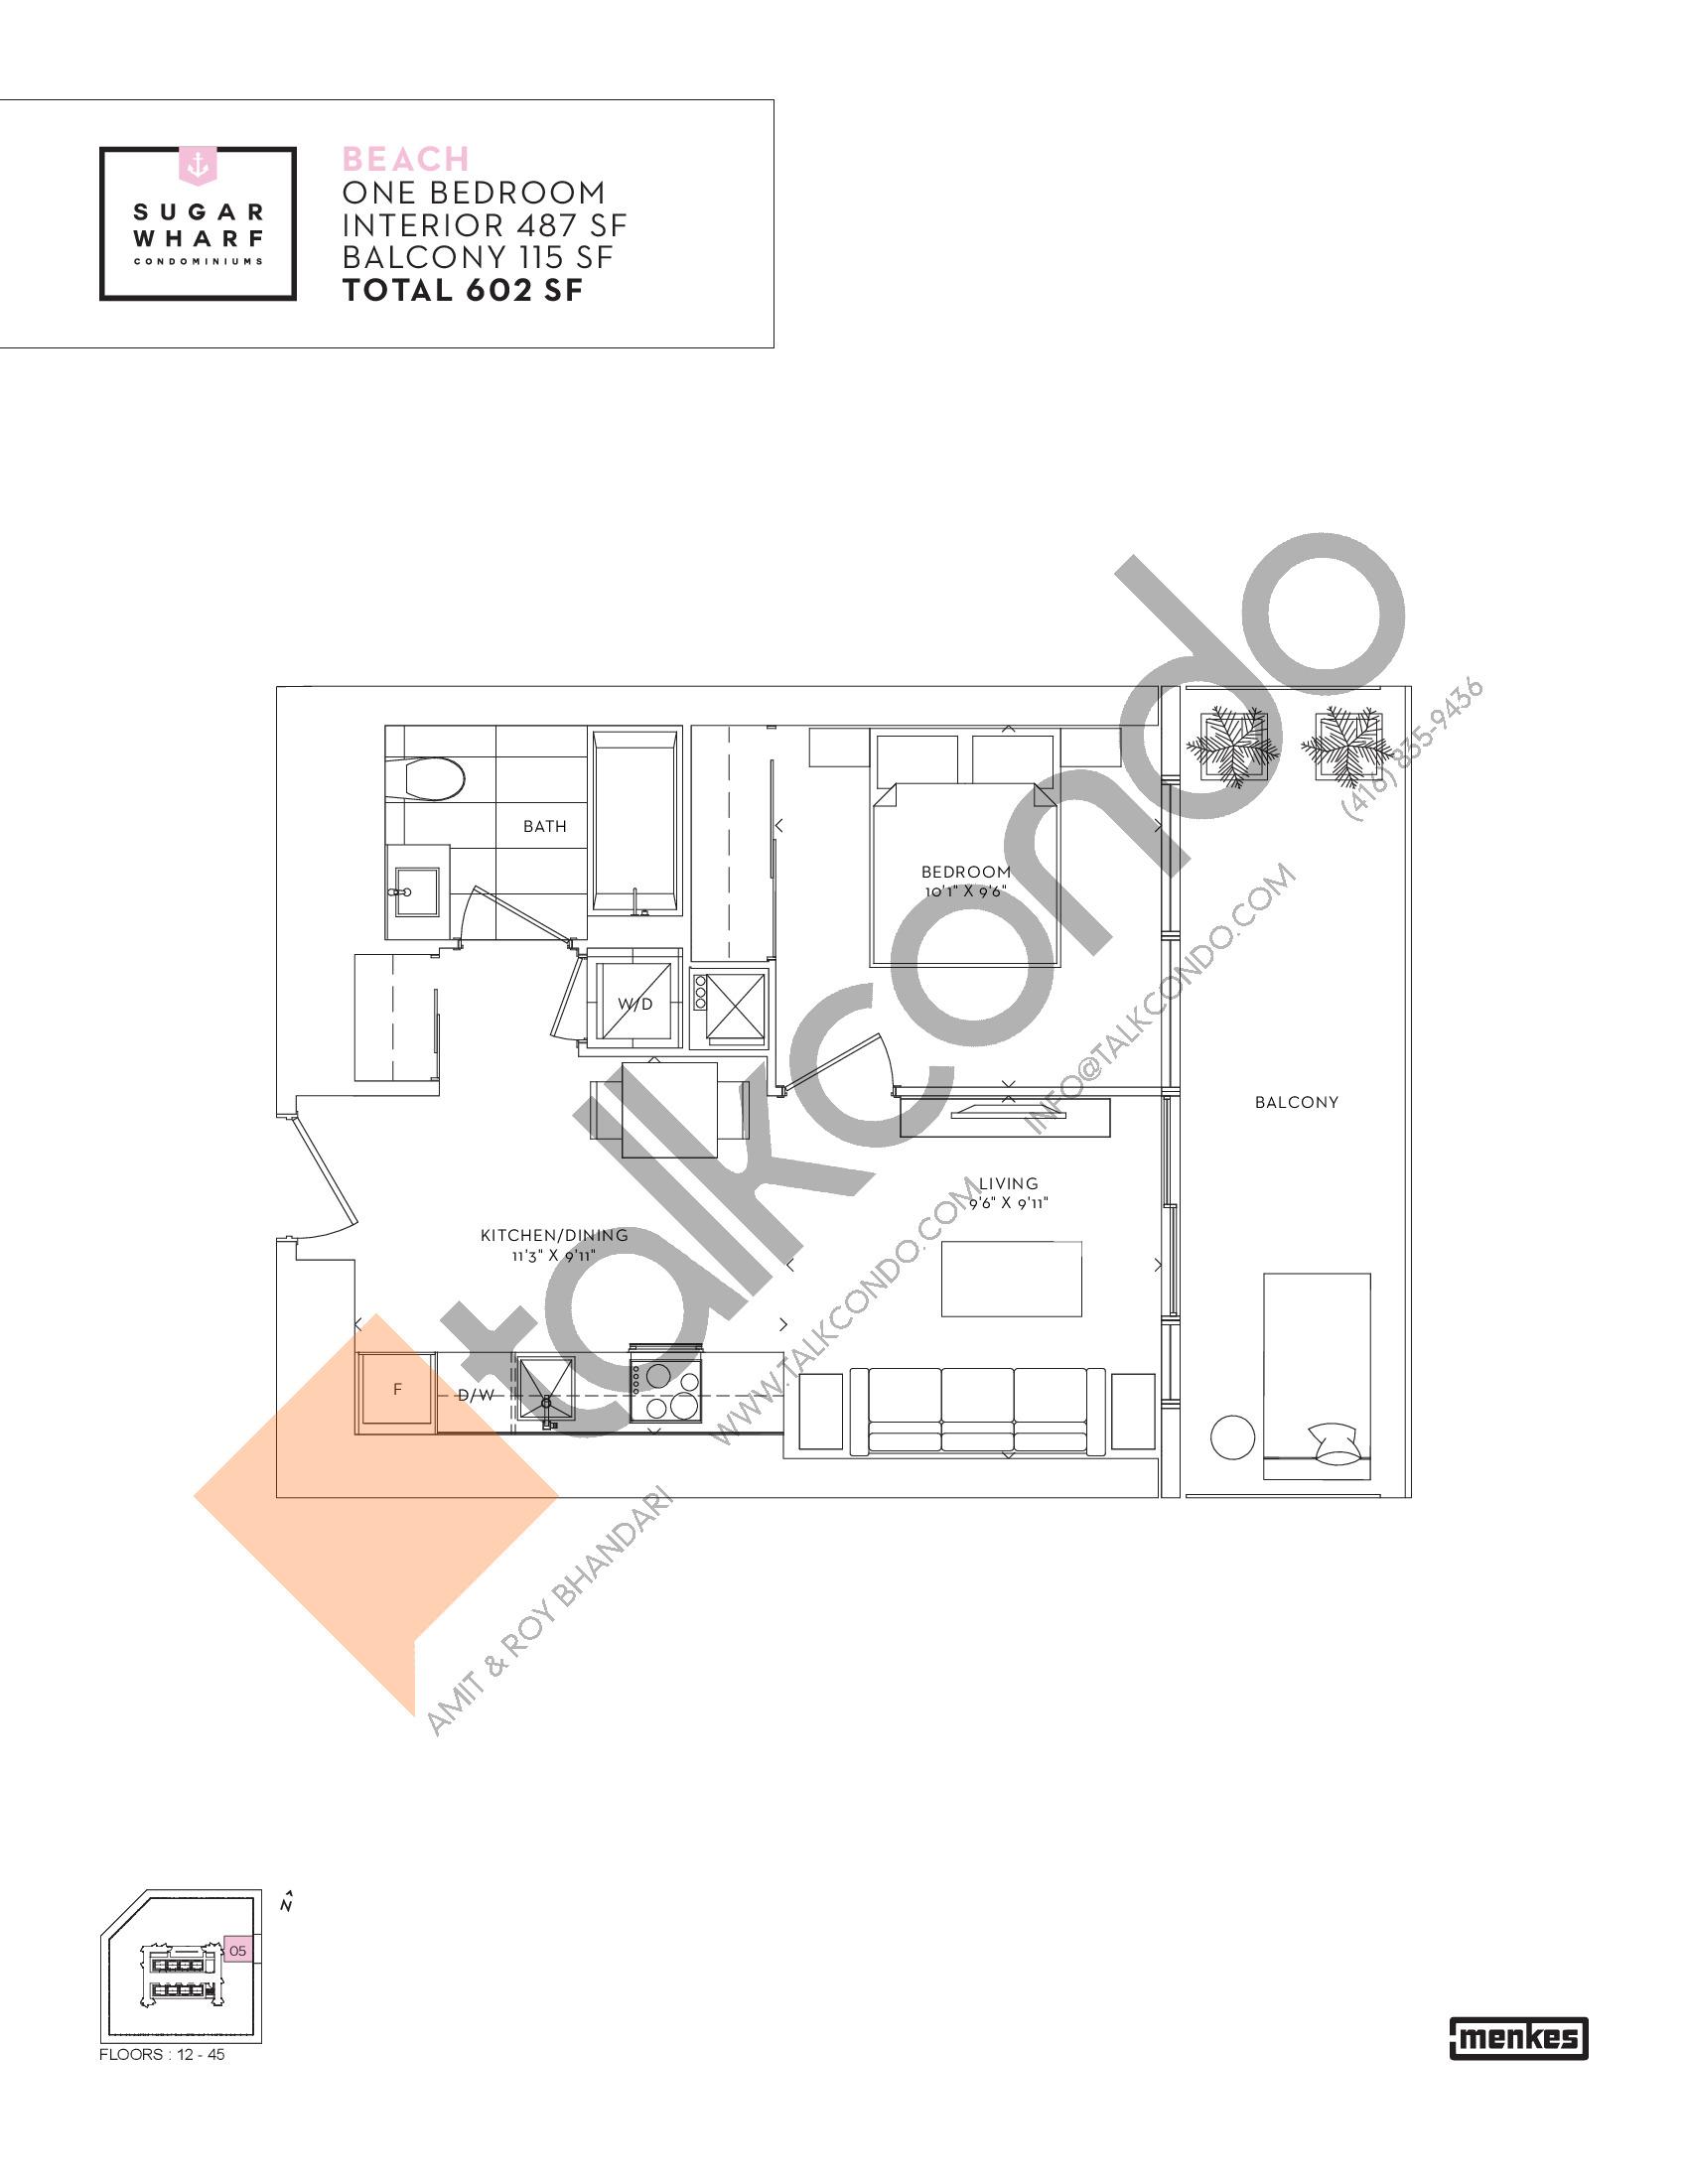 Beach Floor Plan at Sugar Wharf Condos East Tower - 487 sq.ft